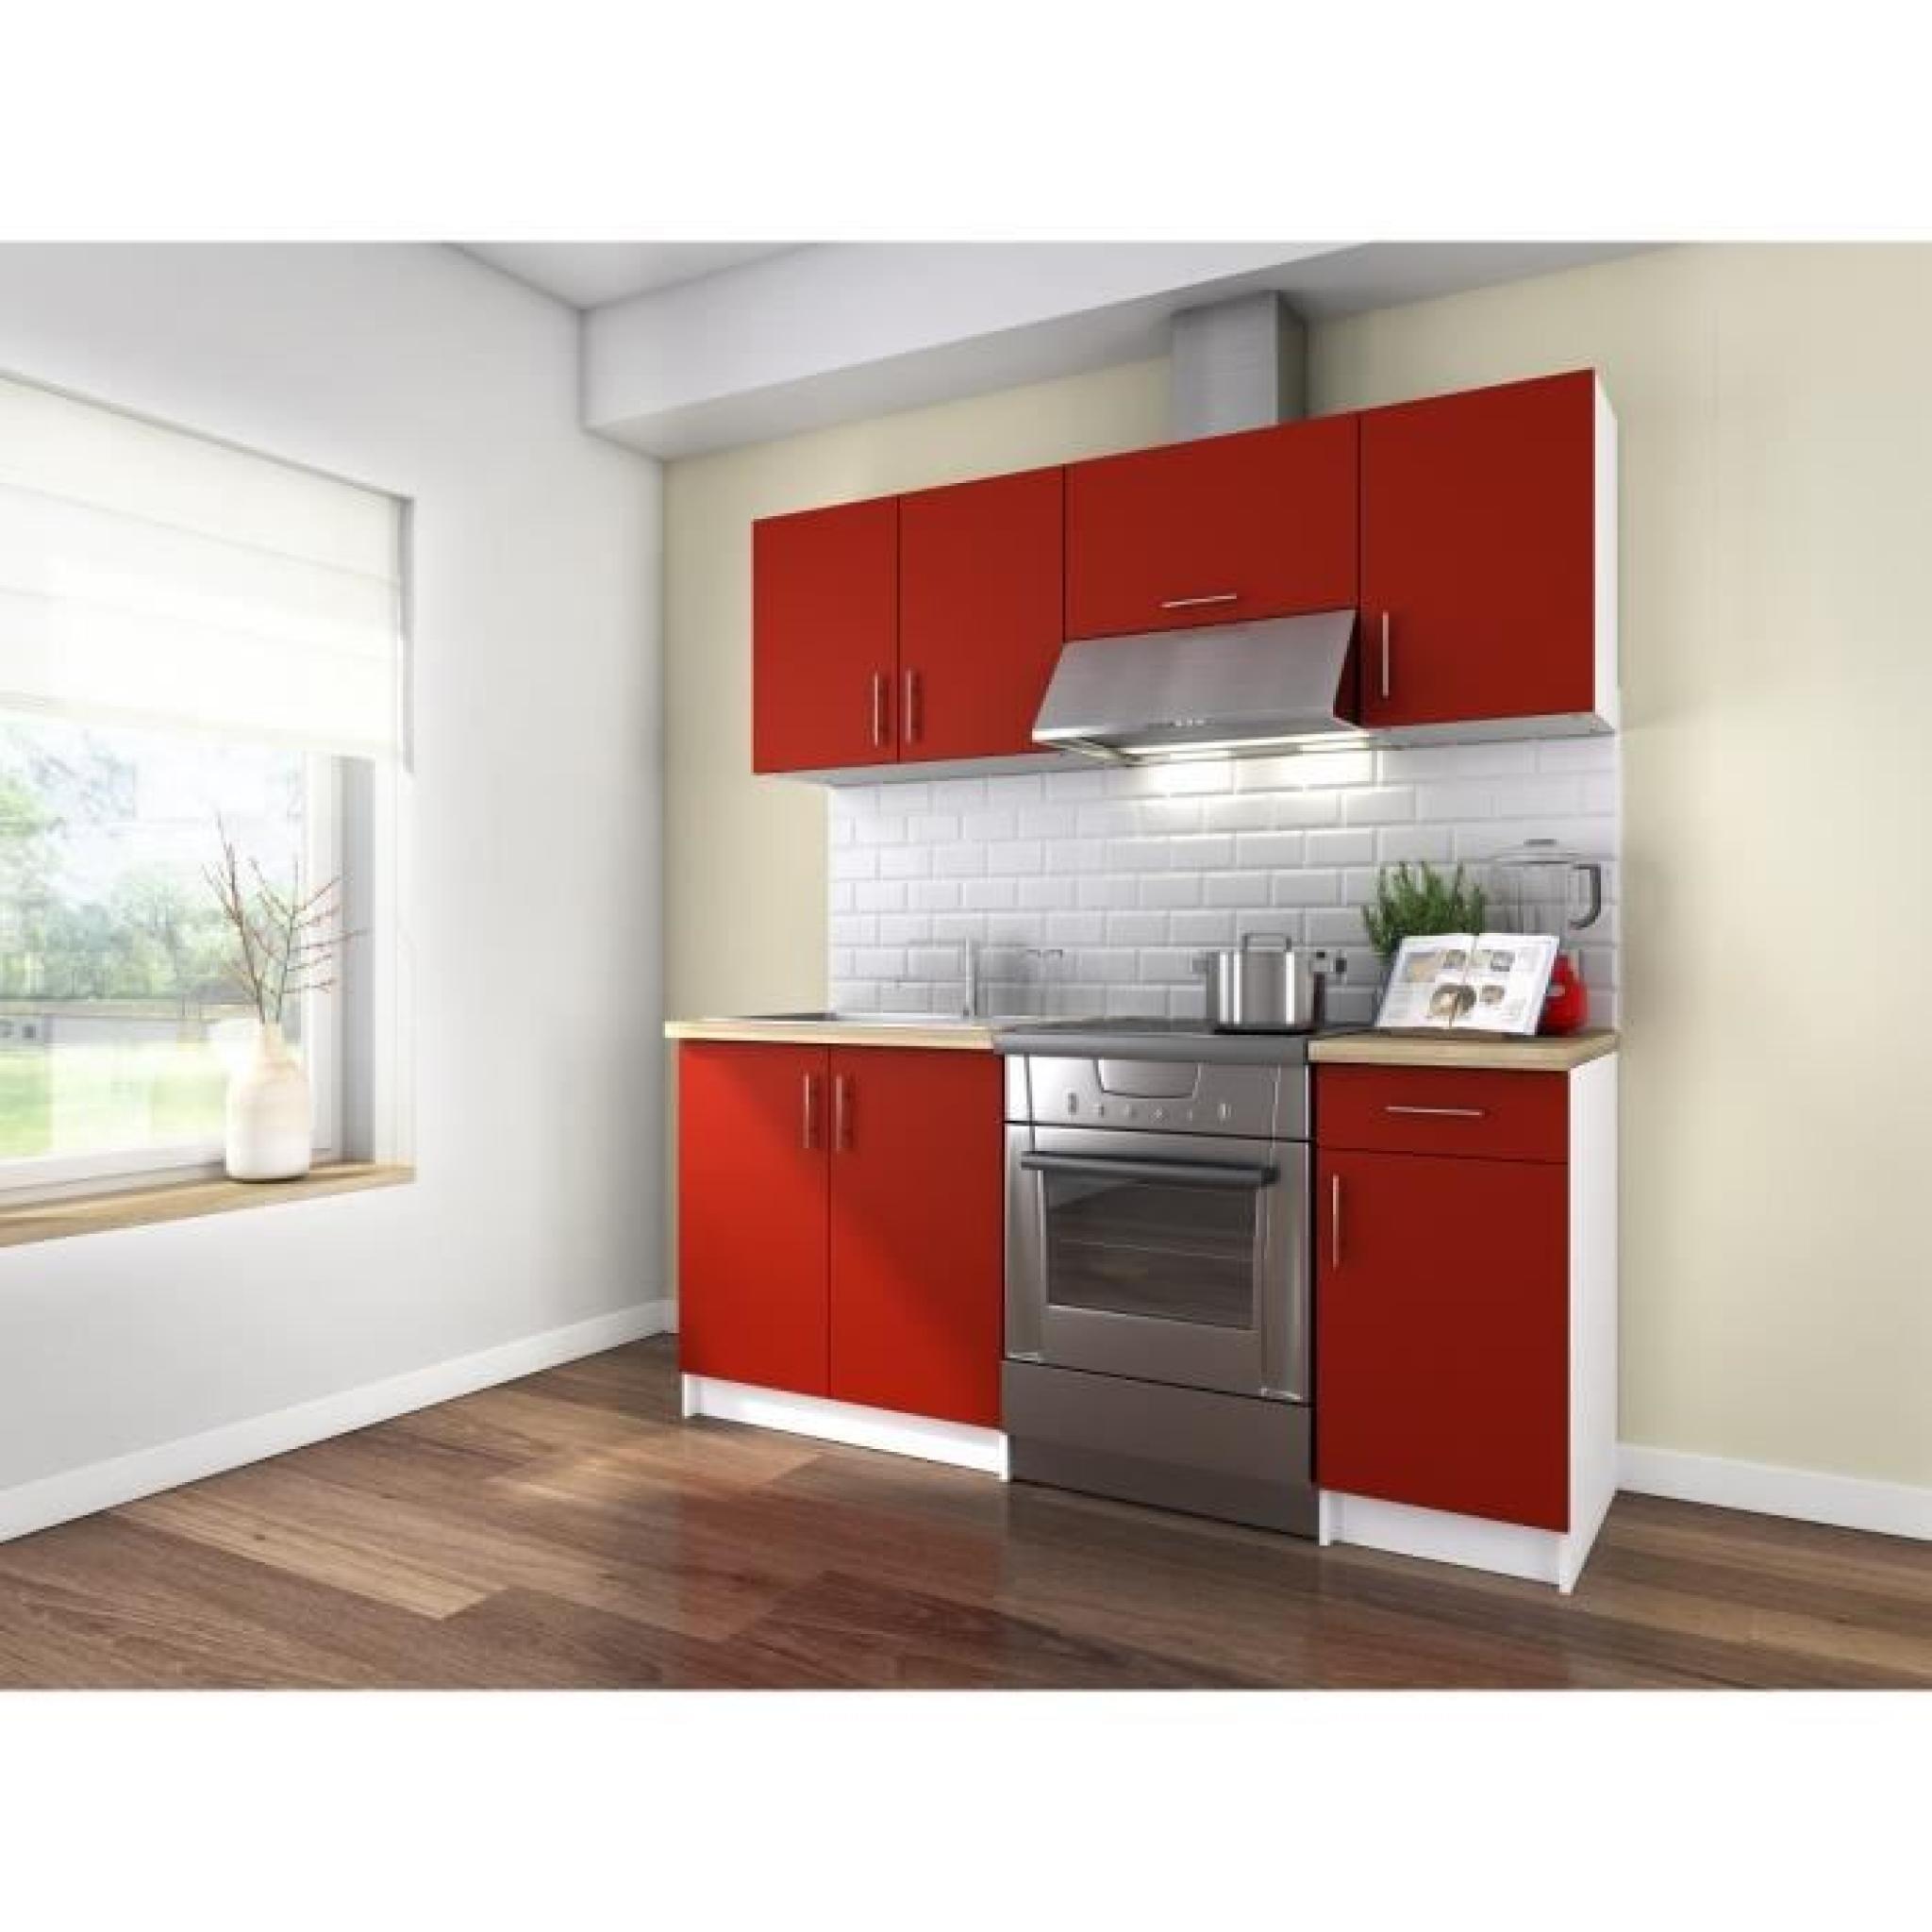 Obi cuisine compl te 1m80 rouge mat achat vente for Offre d emploi cuisine collective